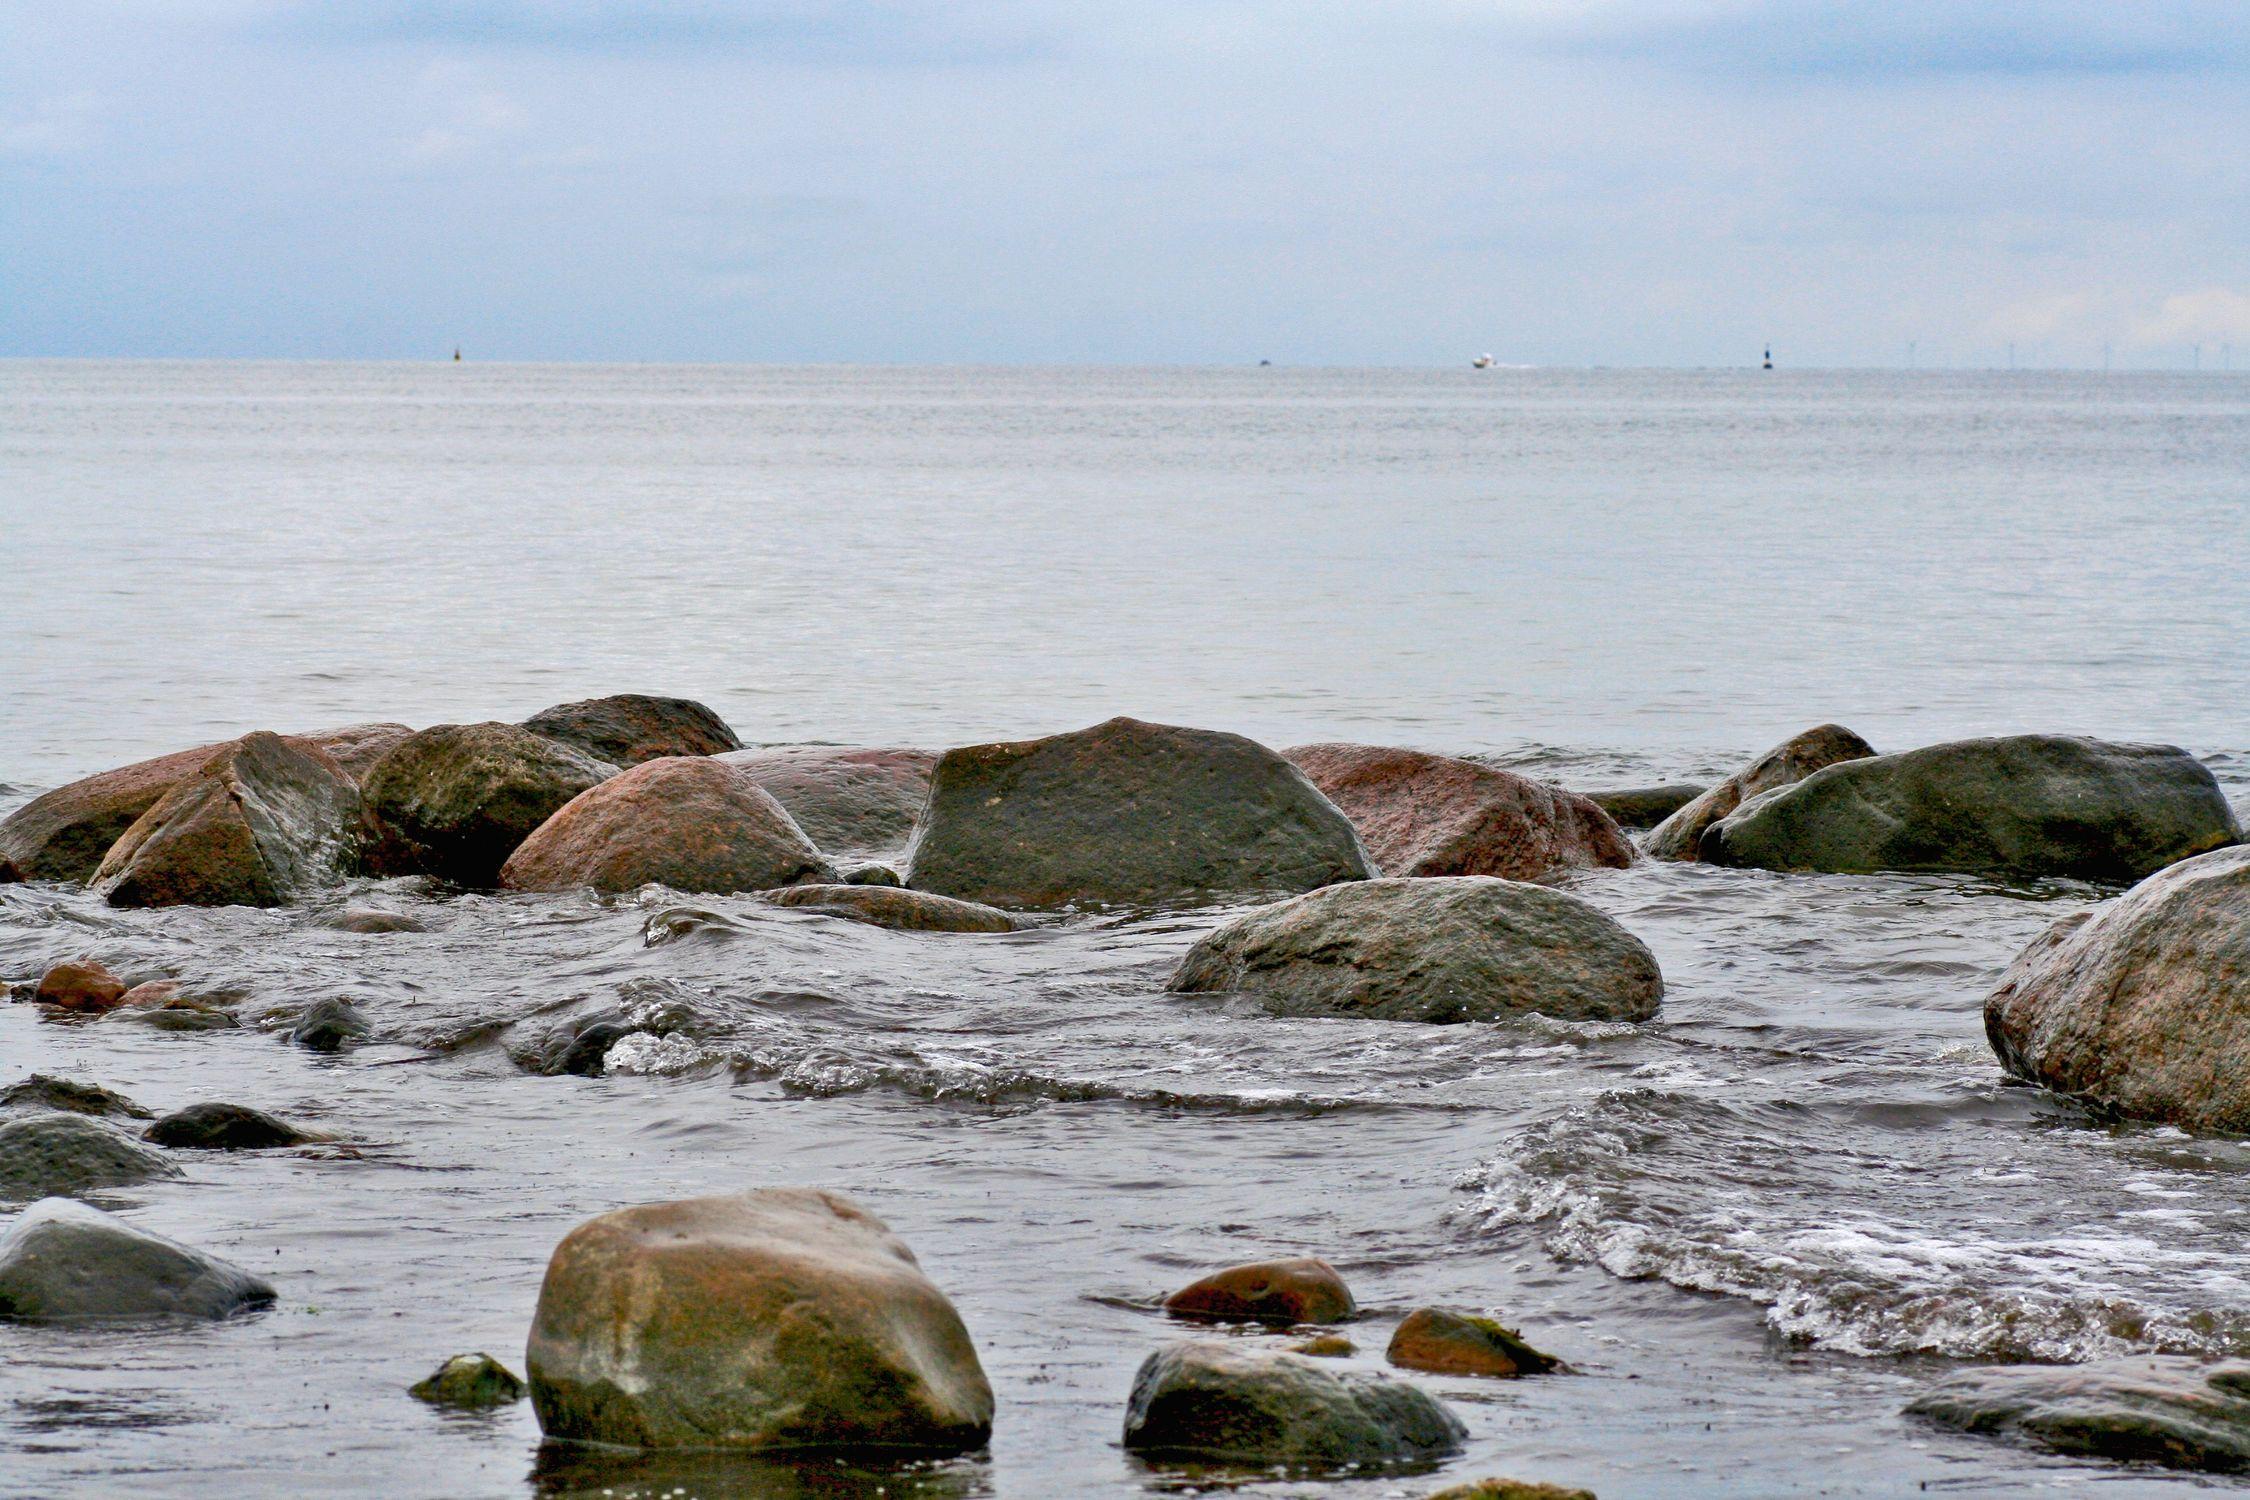 Bild mit Natur, Elemente, Wasser, Pflanzen, Landschaften, Himmel, Bäume, Gewässer, Küsten und Ufer, Felsen, Meere, Strände, Horizont, Brandung, Wellen, Buchten, Inseln